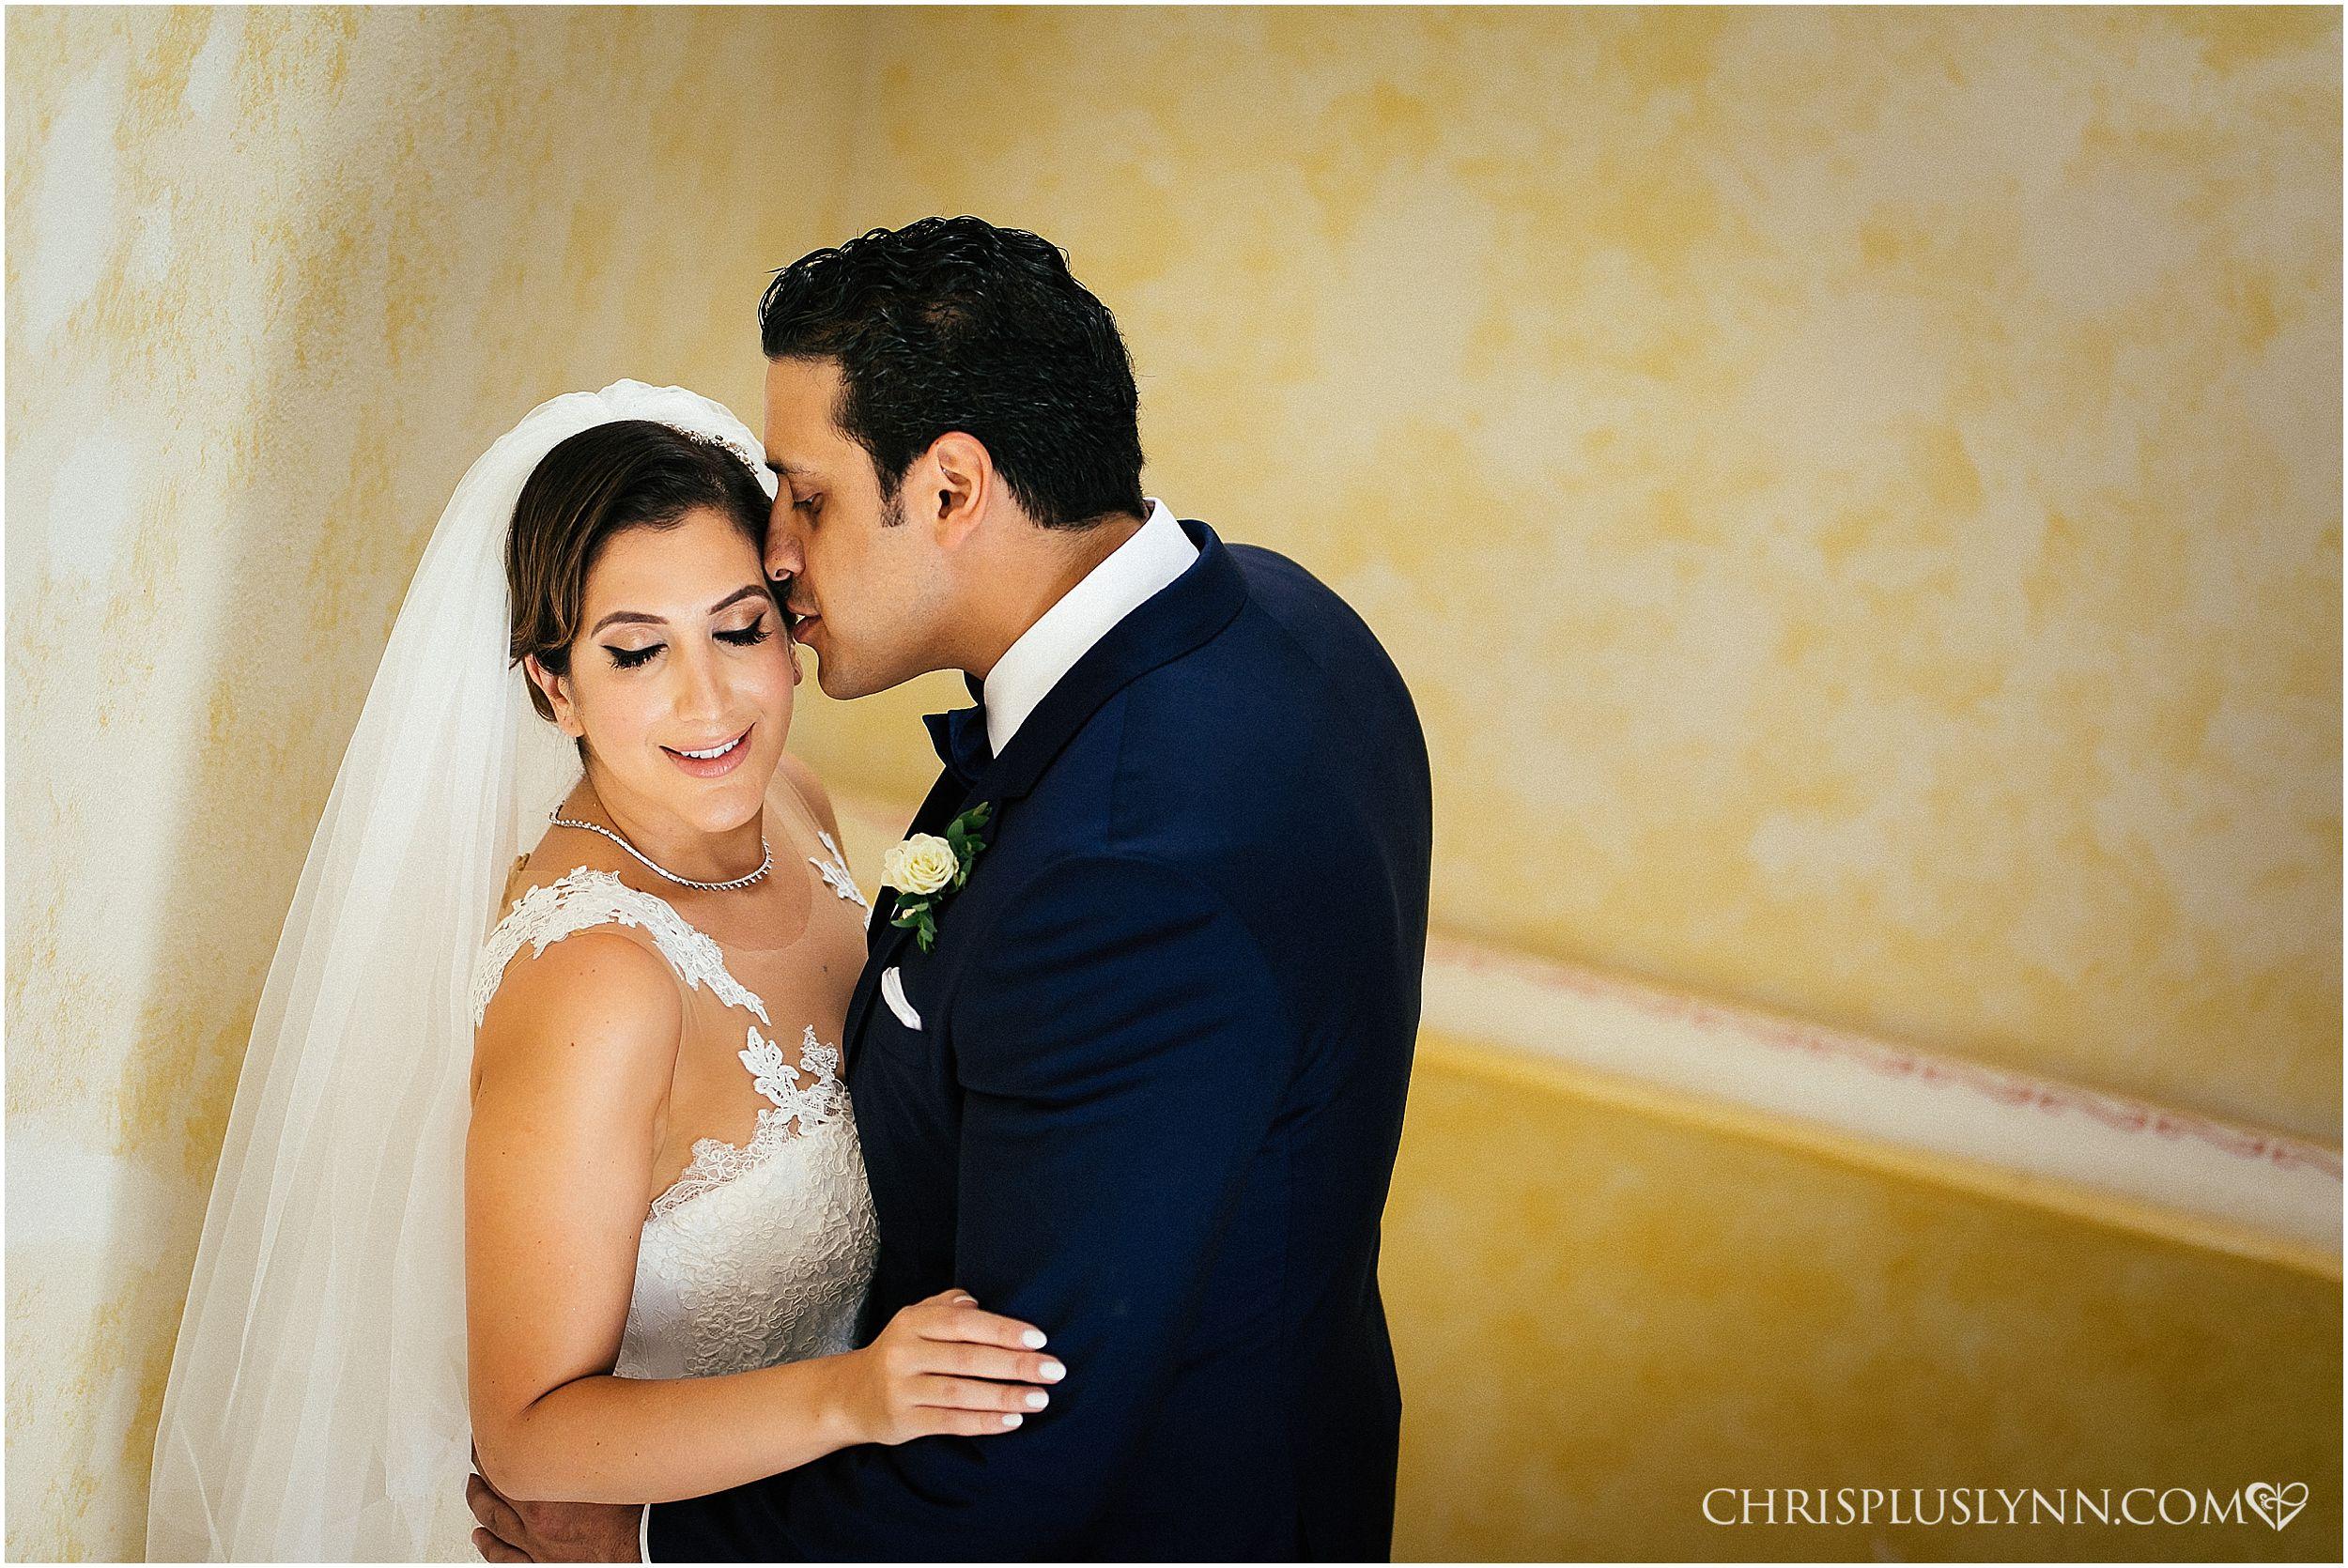 Cabo del Sol Wedding | First Look Bride + Groom Portrait